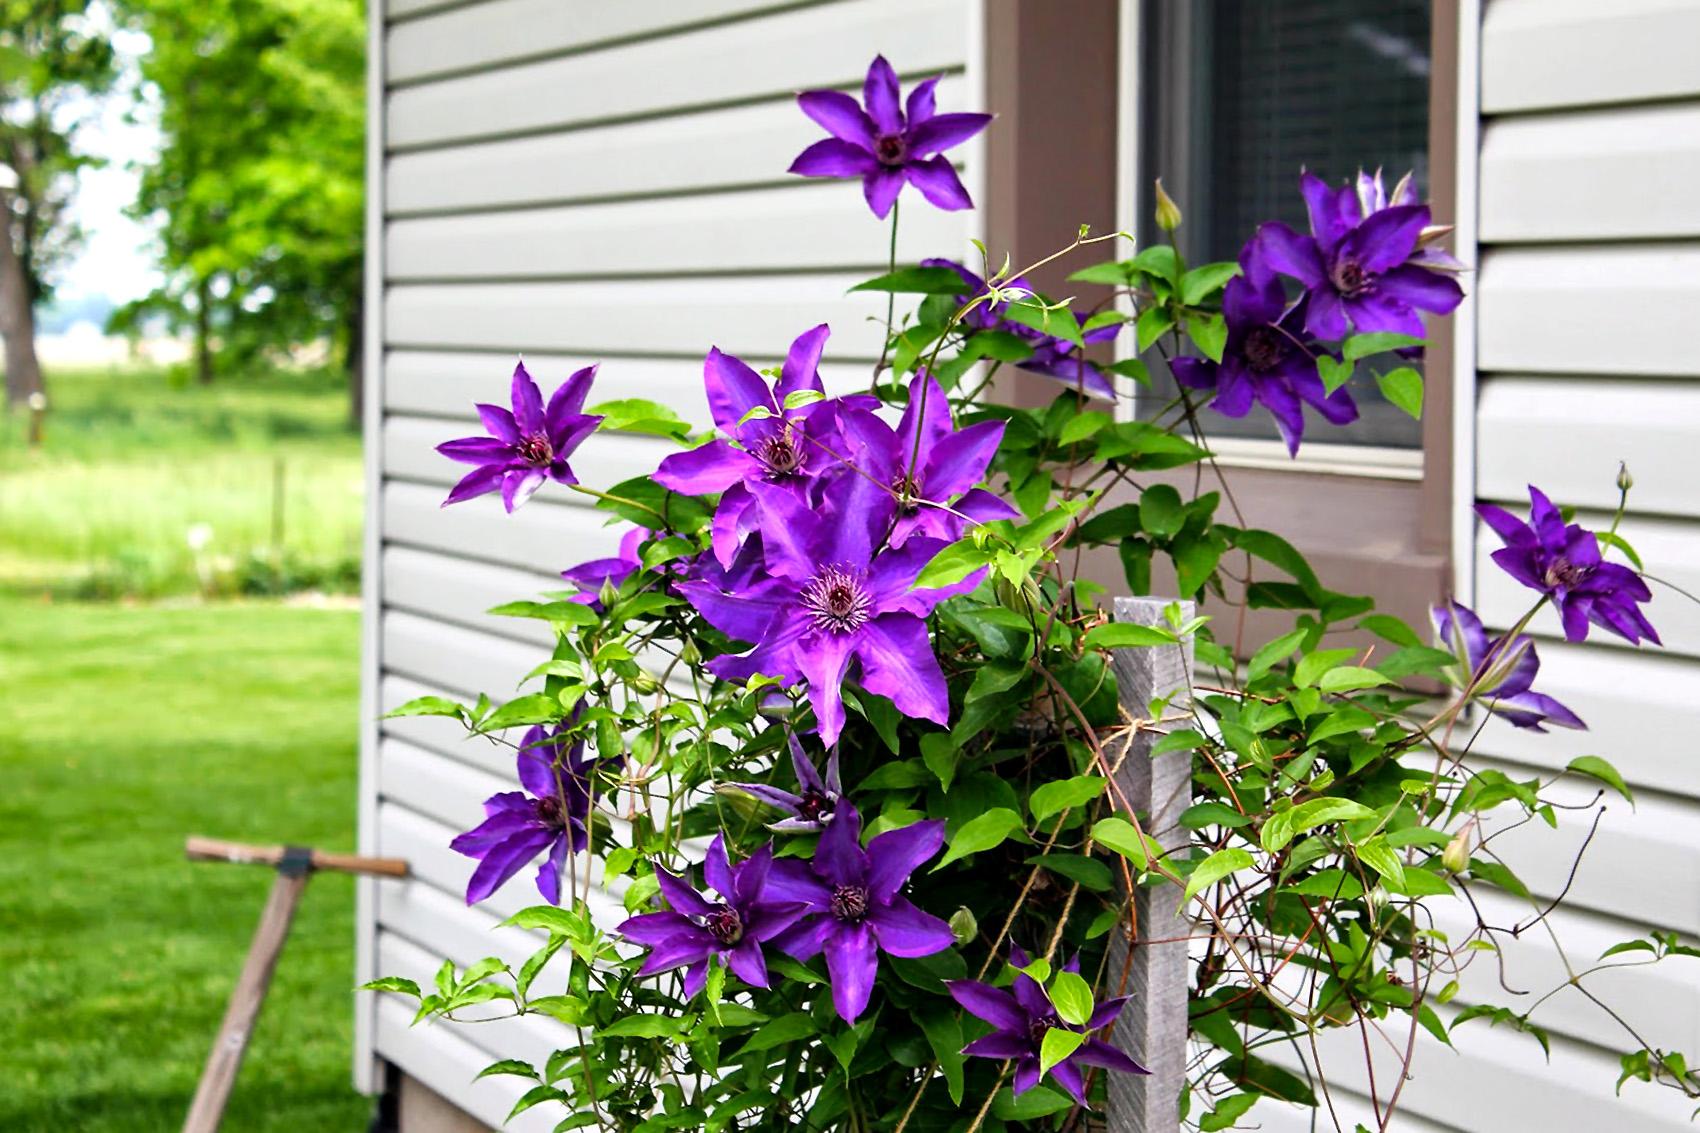 Žydinti vijoklinė gėlė raganė (lauke prie namo)